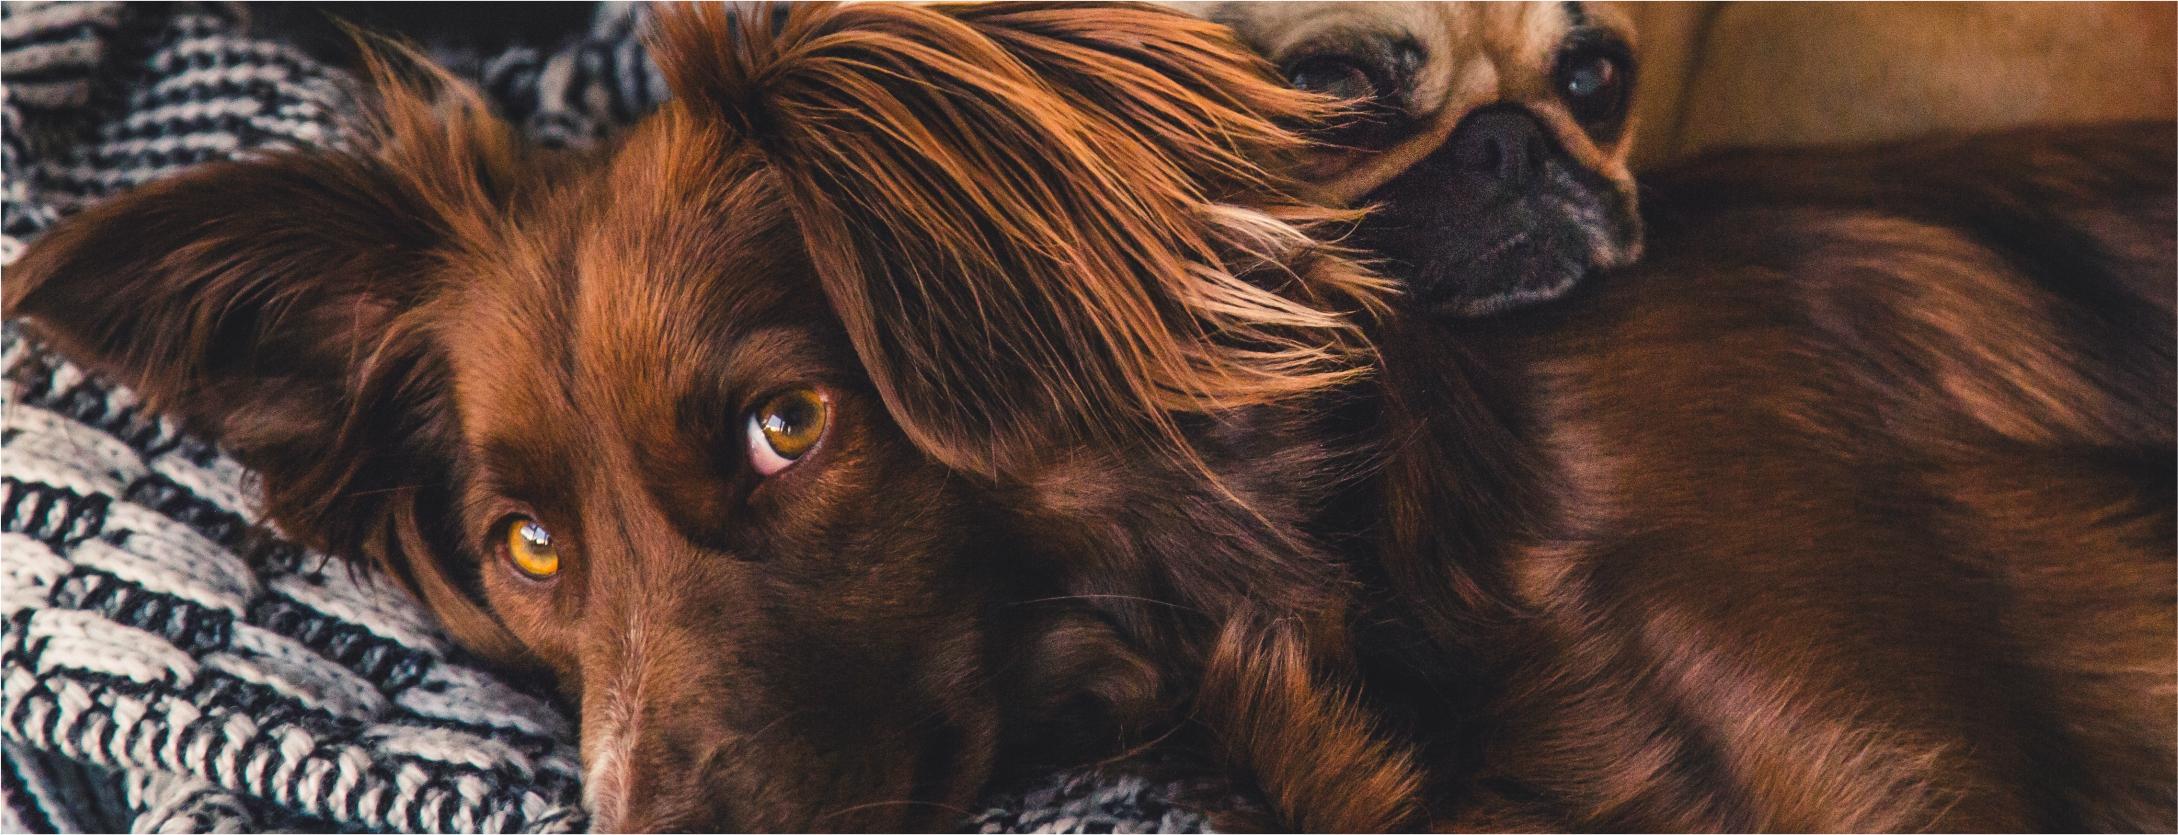 Inverno para pets: respostas a algumas perguntas comuns